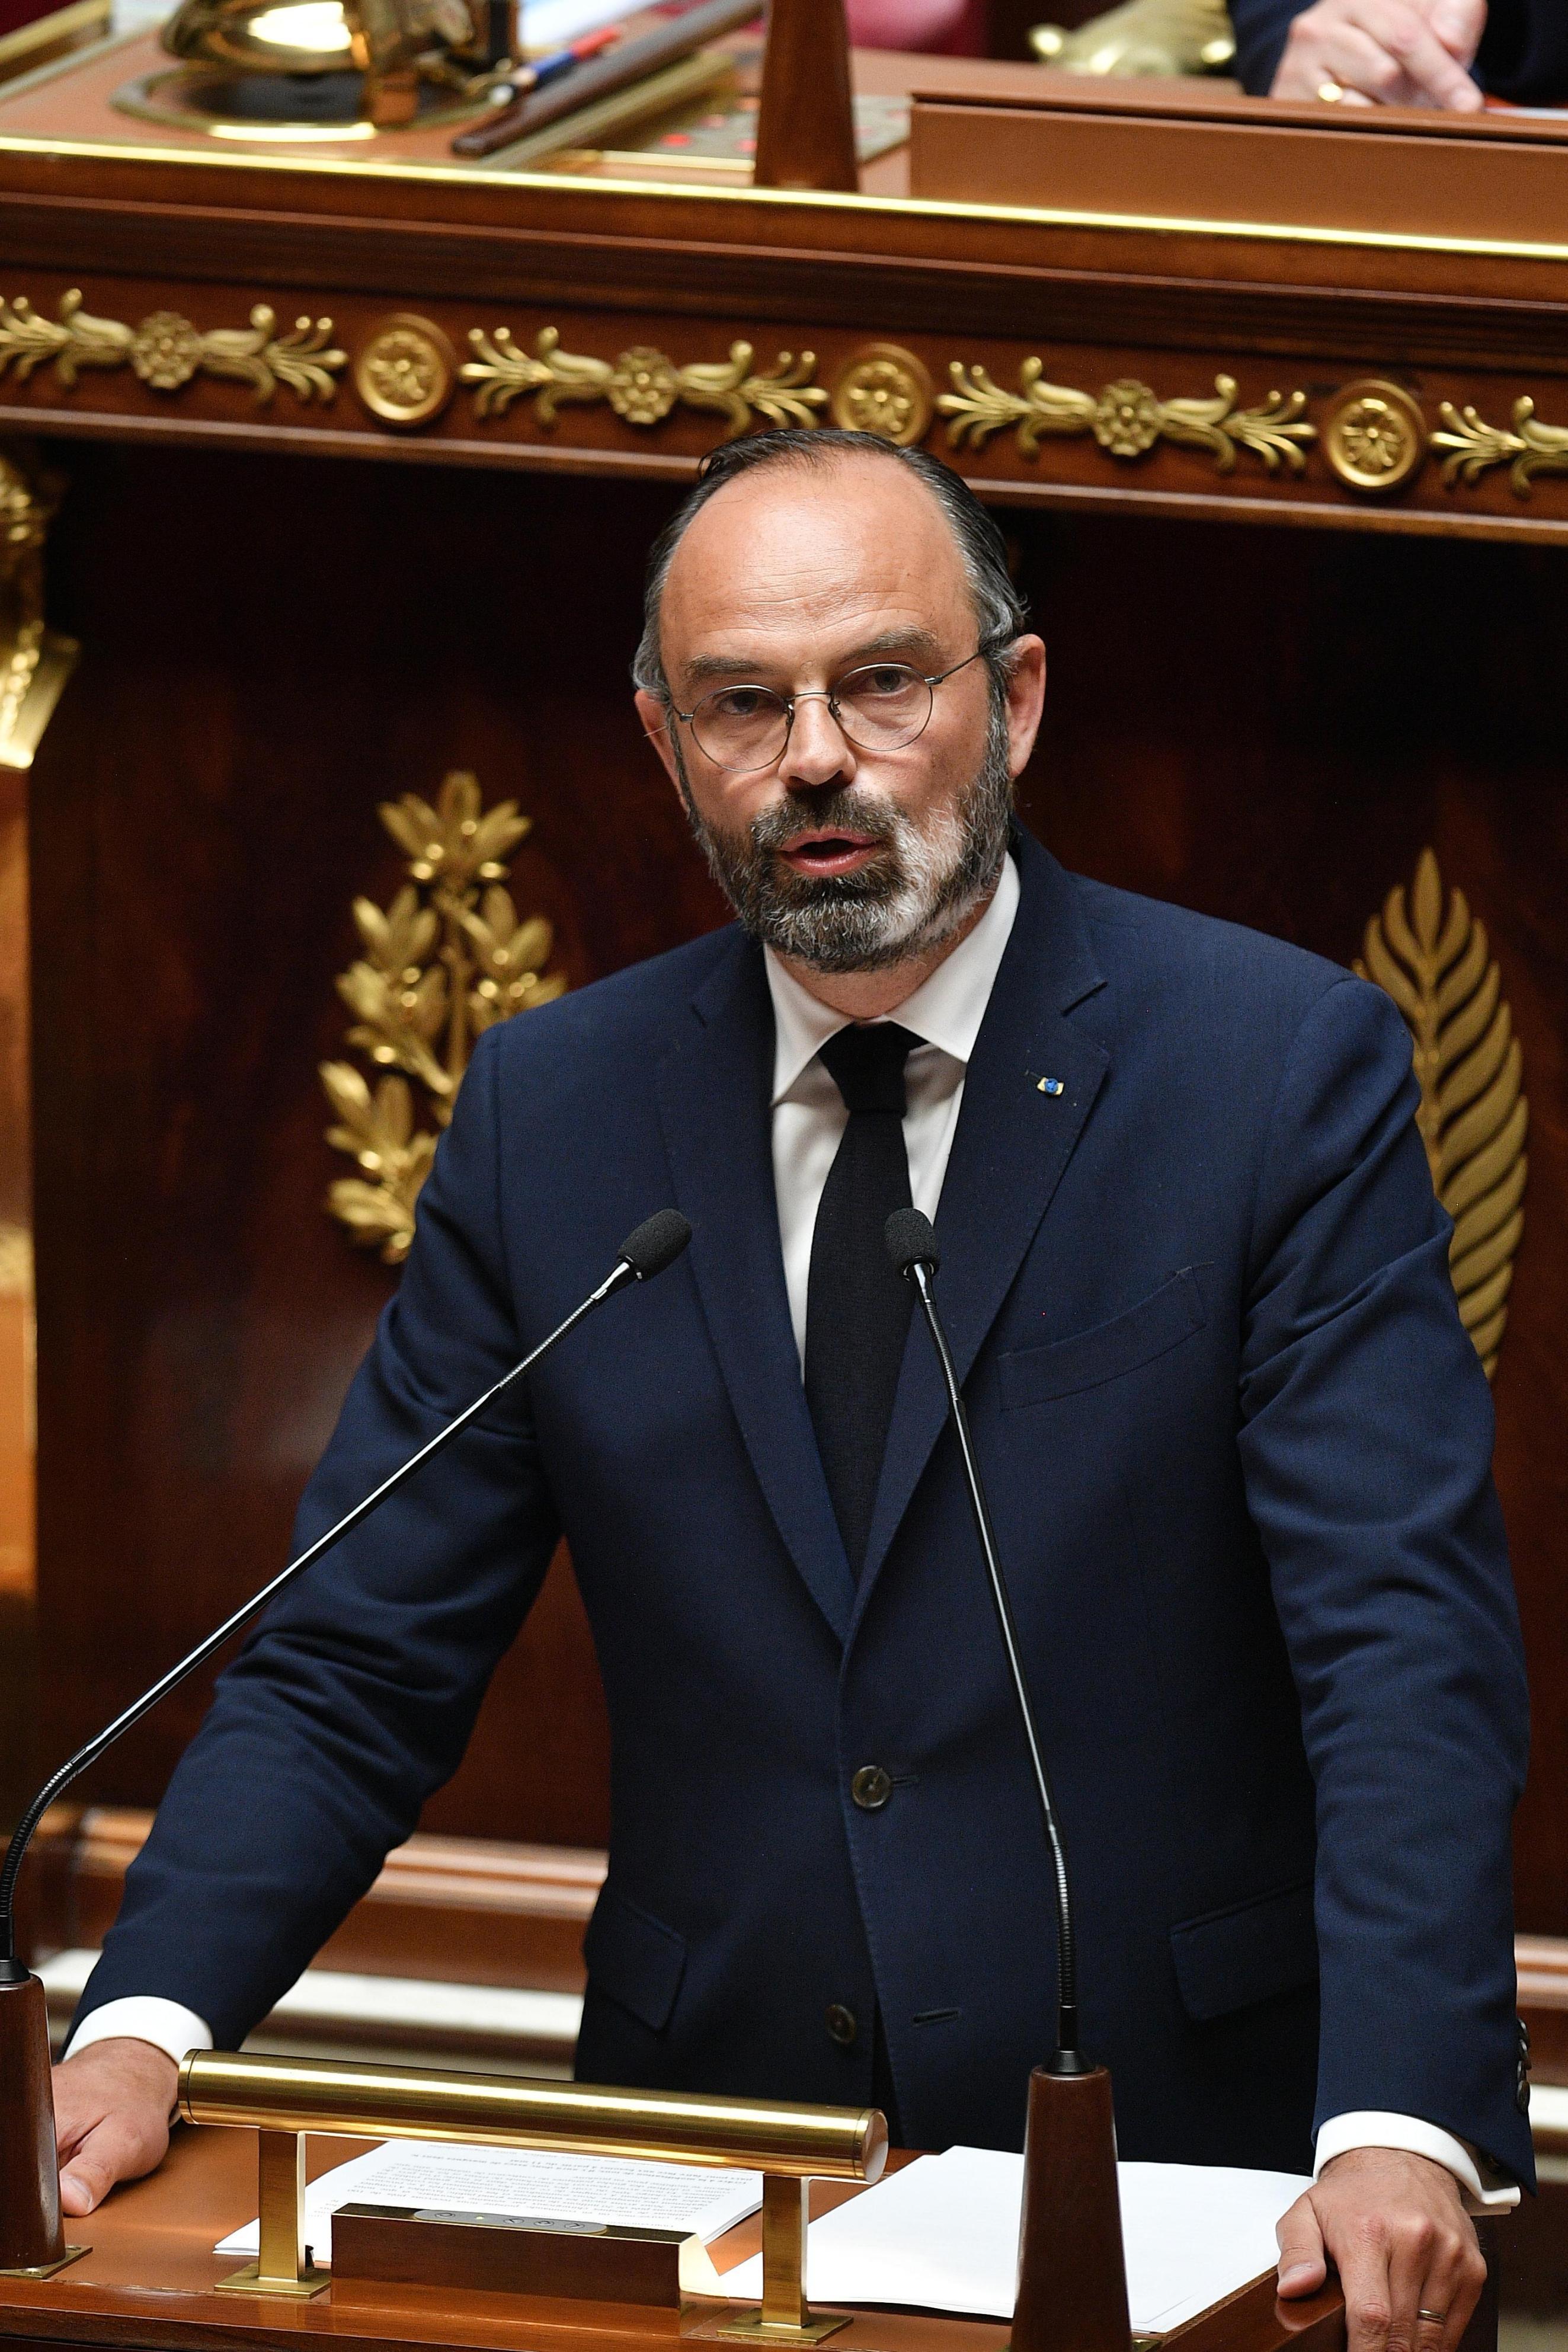 28日、パリの国民議会で演説するフランスのフィリップ首相(AP=共同)